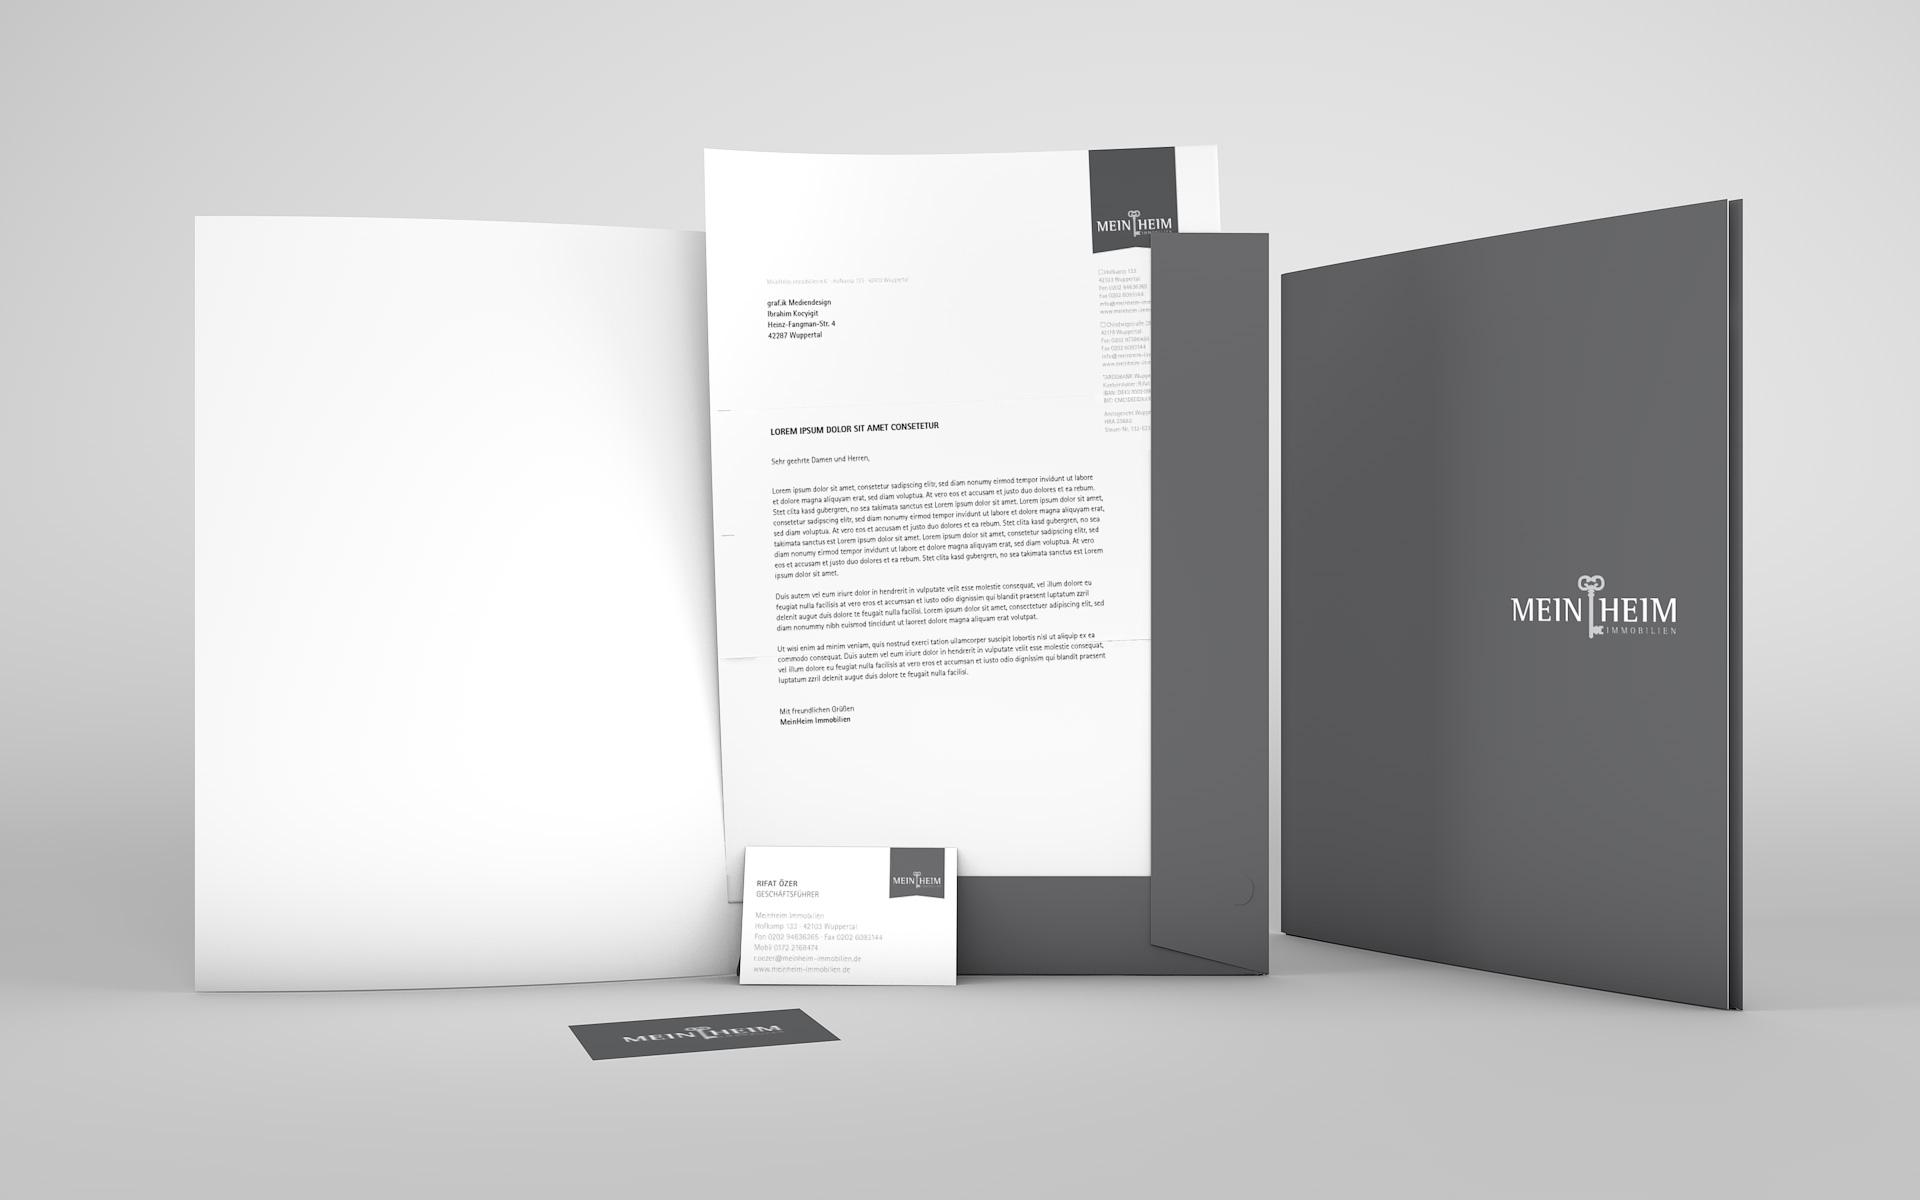 Präsentationsmappe, Briefbogen und Visitenkarte aus dem Corporate Design für MeinHeim Immobilien